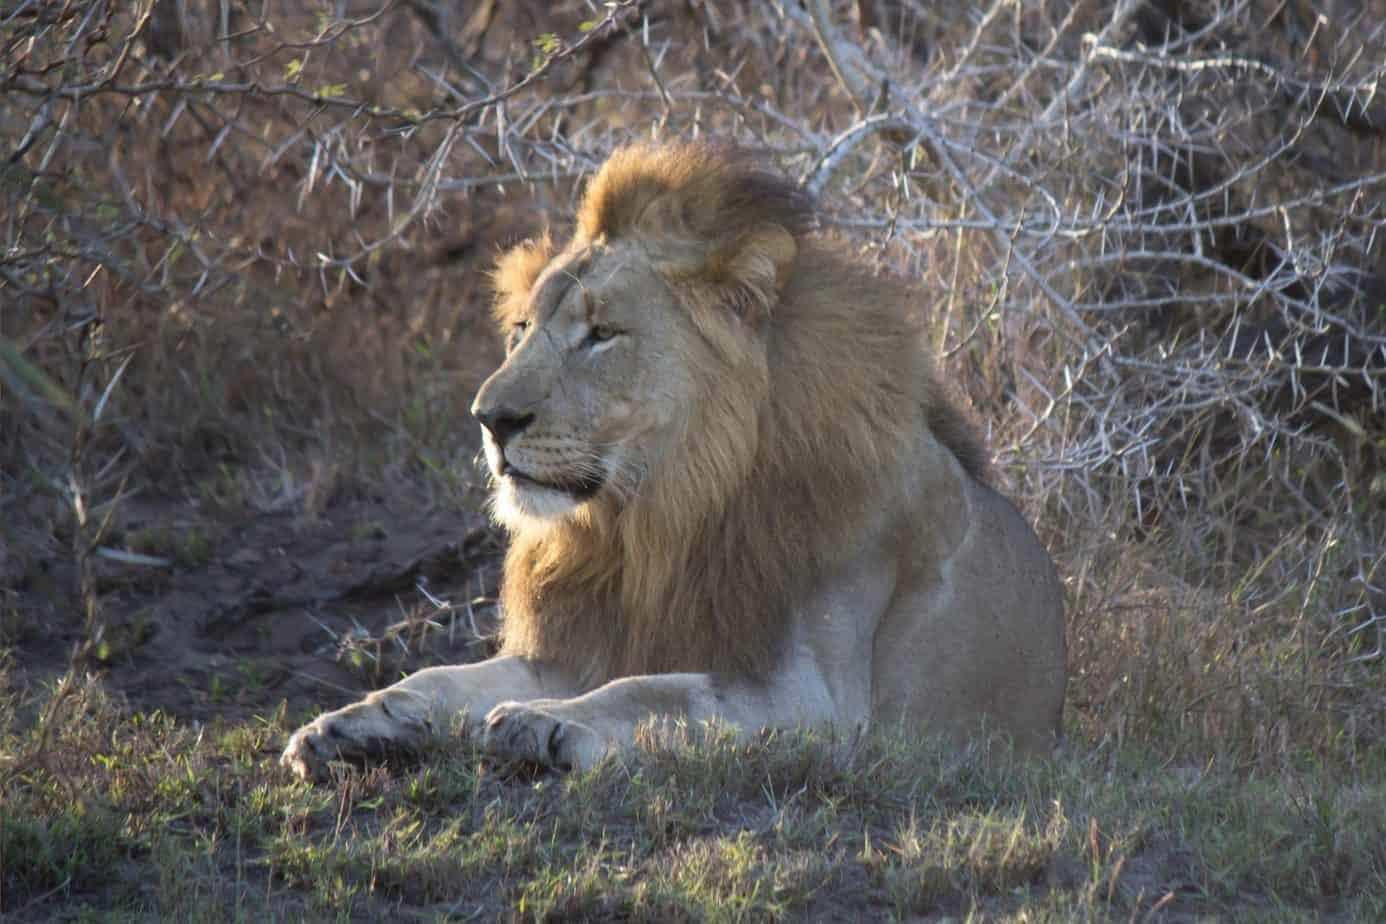 IMG 8156 2 scaled - Tembe Elephant Park